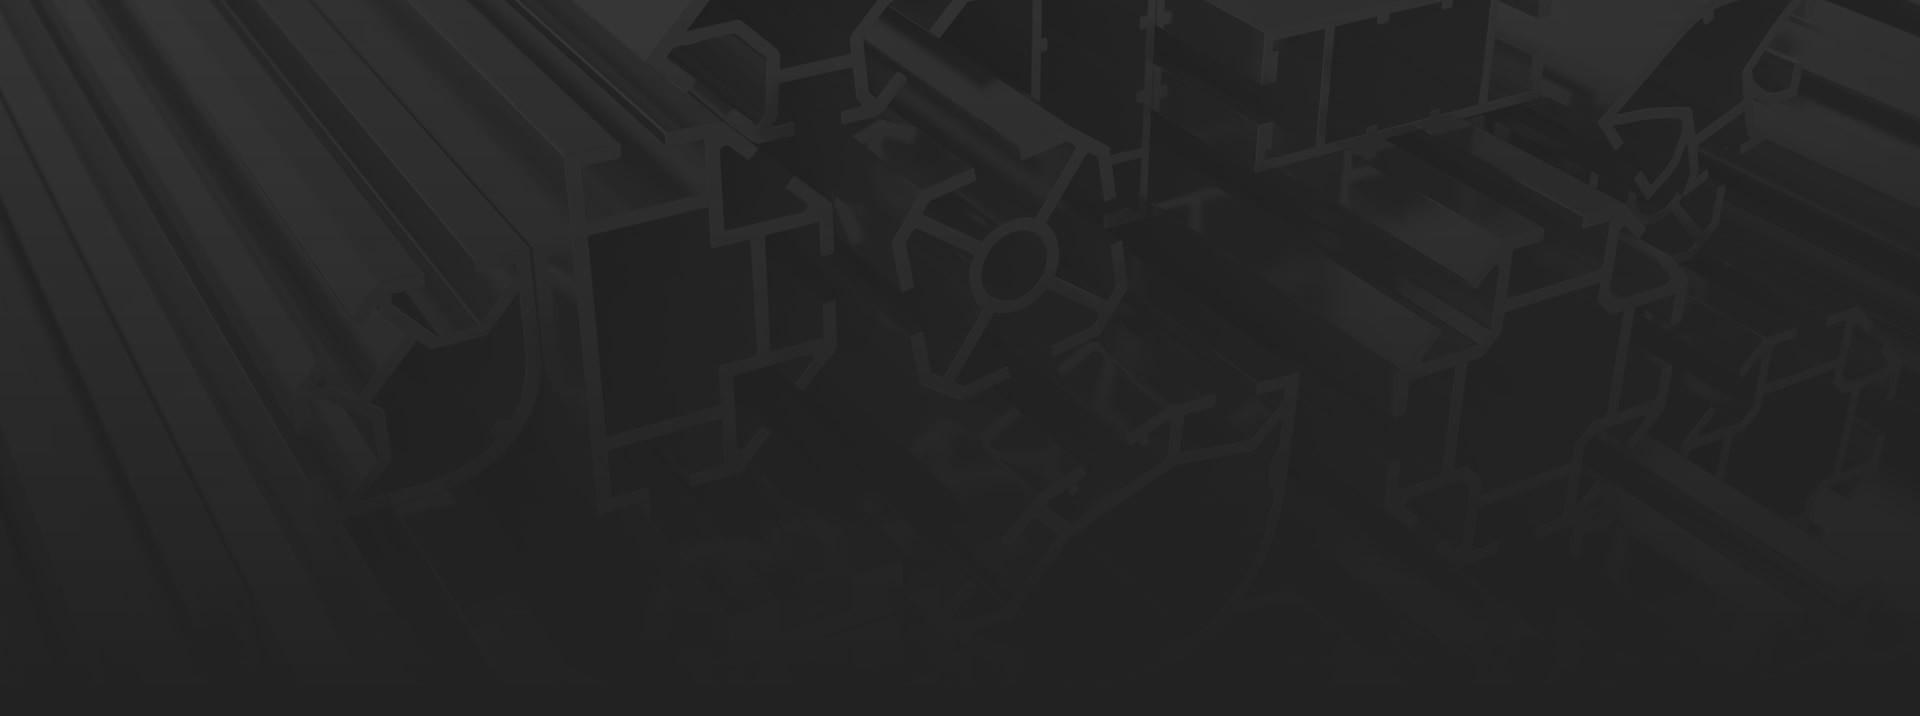 Emmegisoft Slide News 02 gr